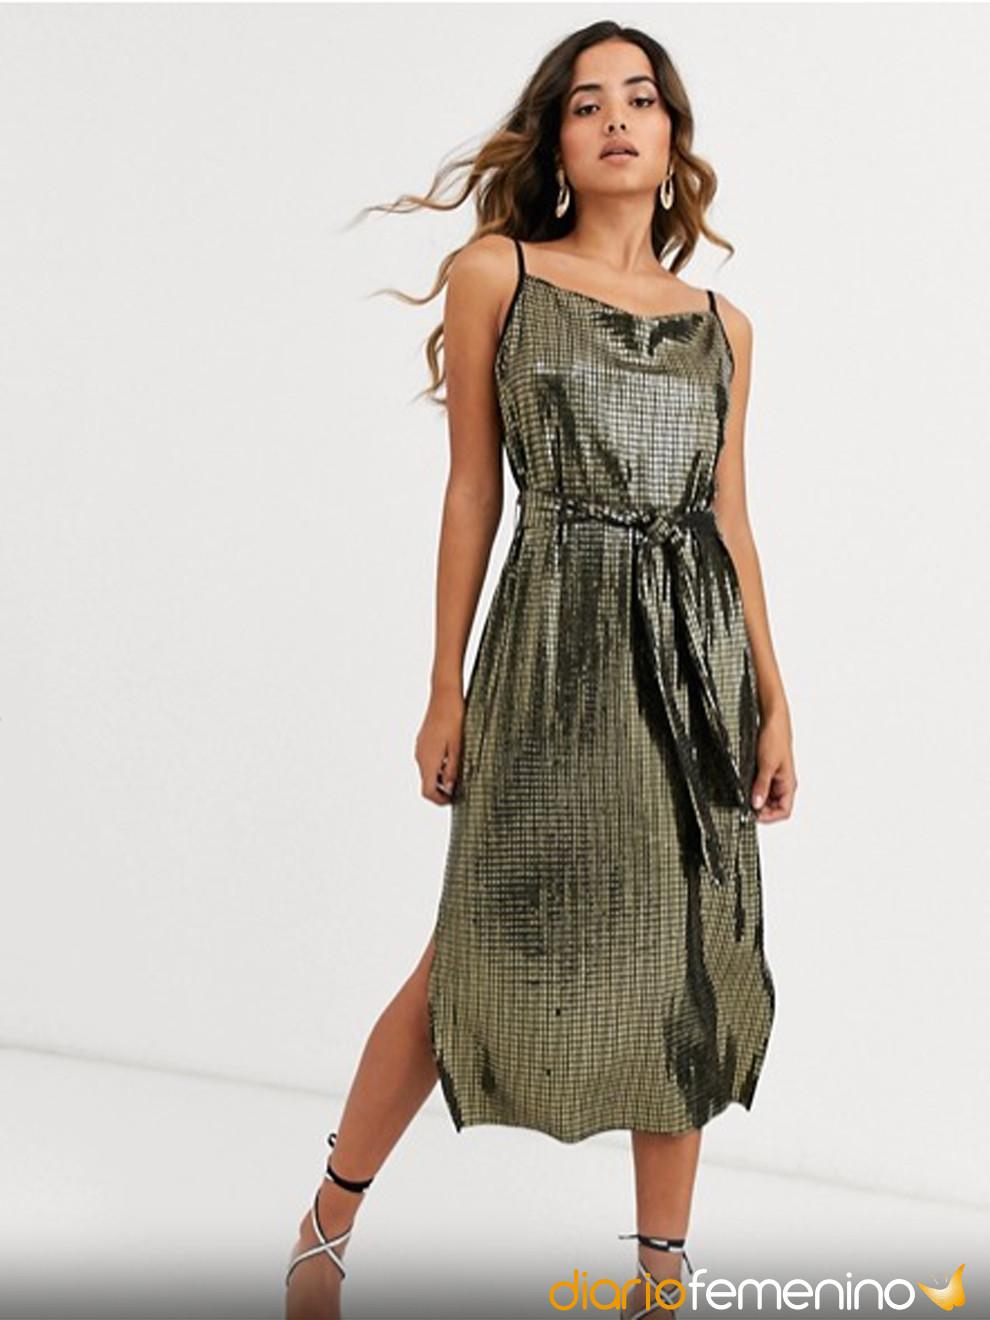 Precioso vestido verde metalizado de ASOS para Nochevieja 2019-2020